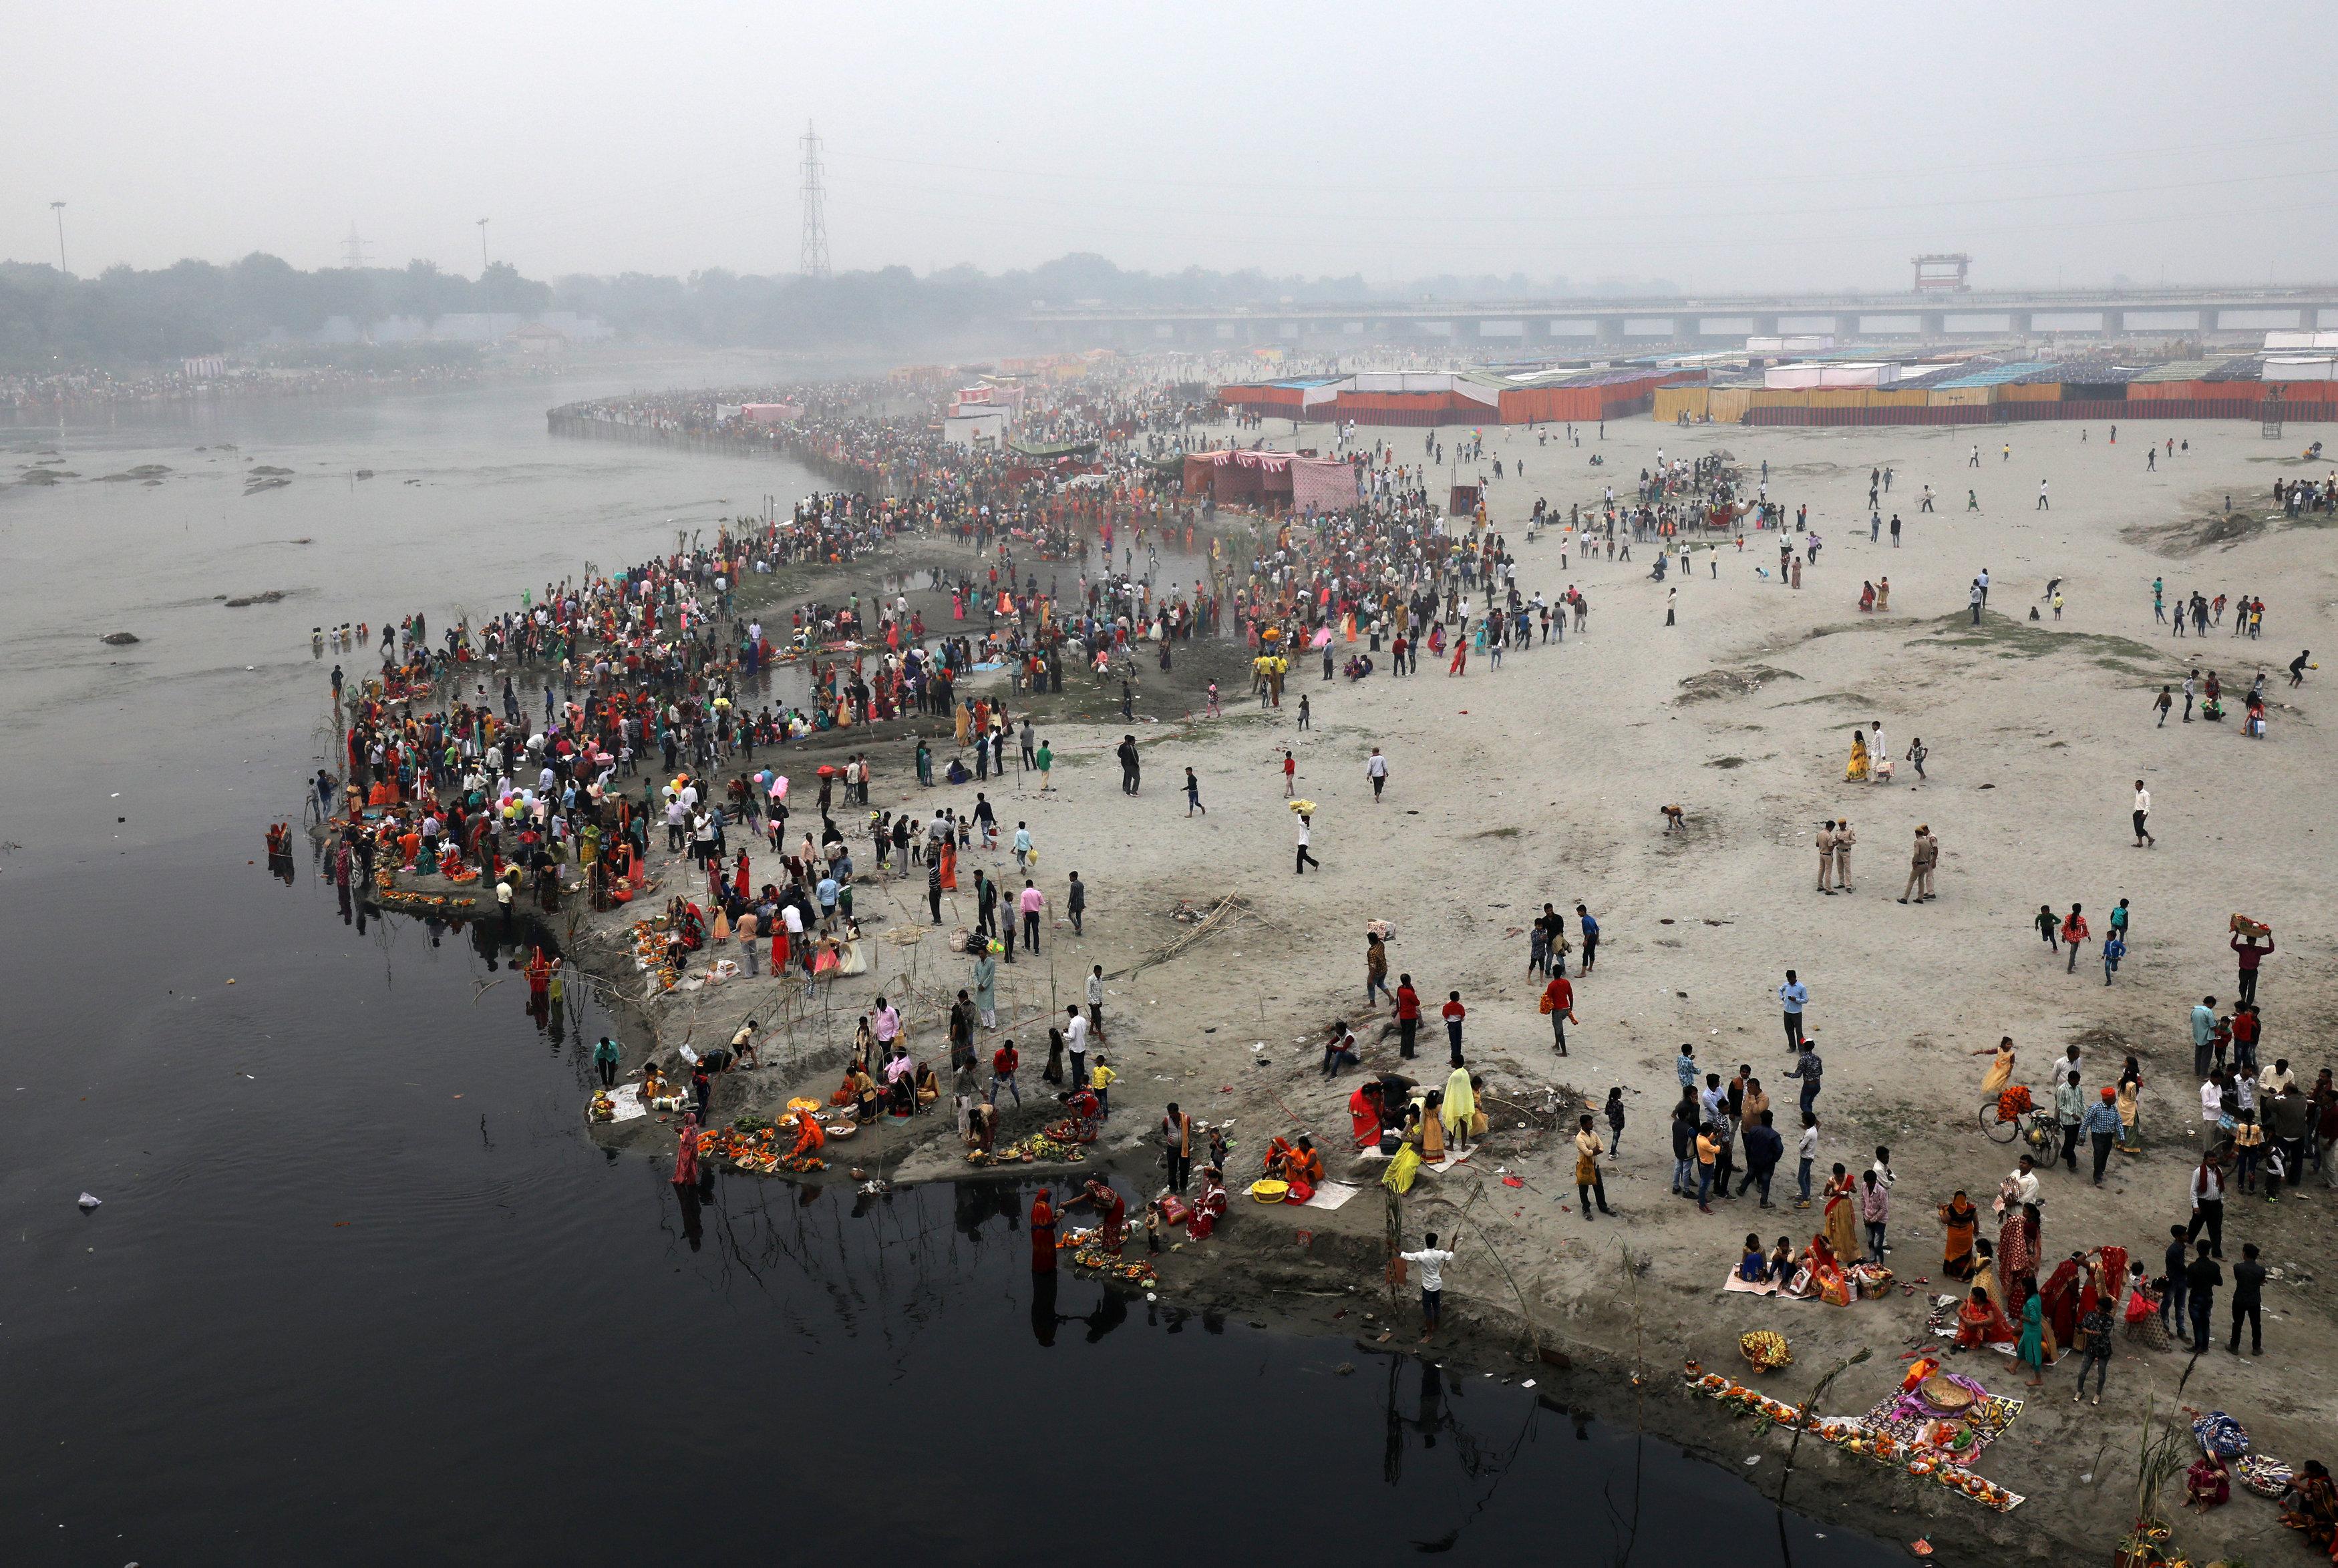 صورة من الأعلى لتجمهر الهندوس عند النهر